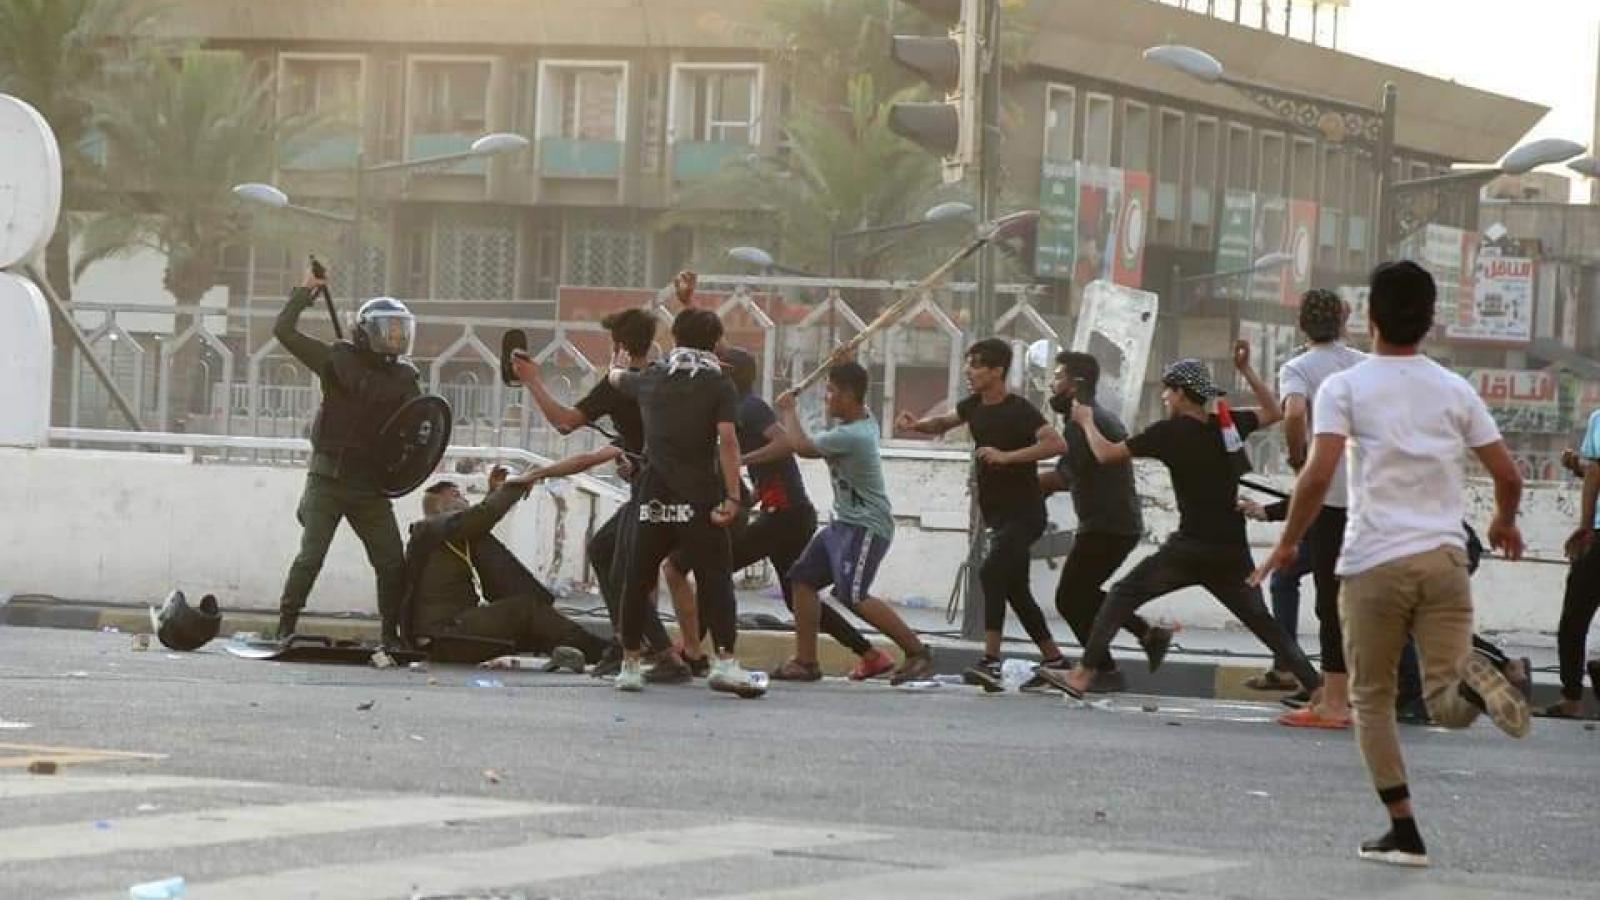 Làn sóng biểu tình bùng phát mạnh tại Iraq vì vấn nạn tham nhũng